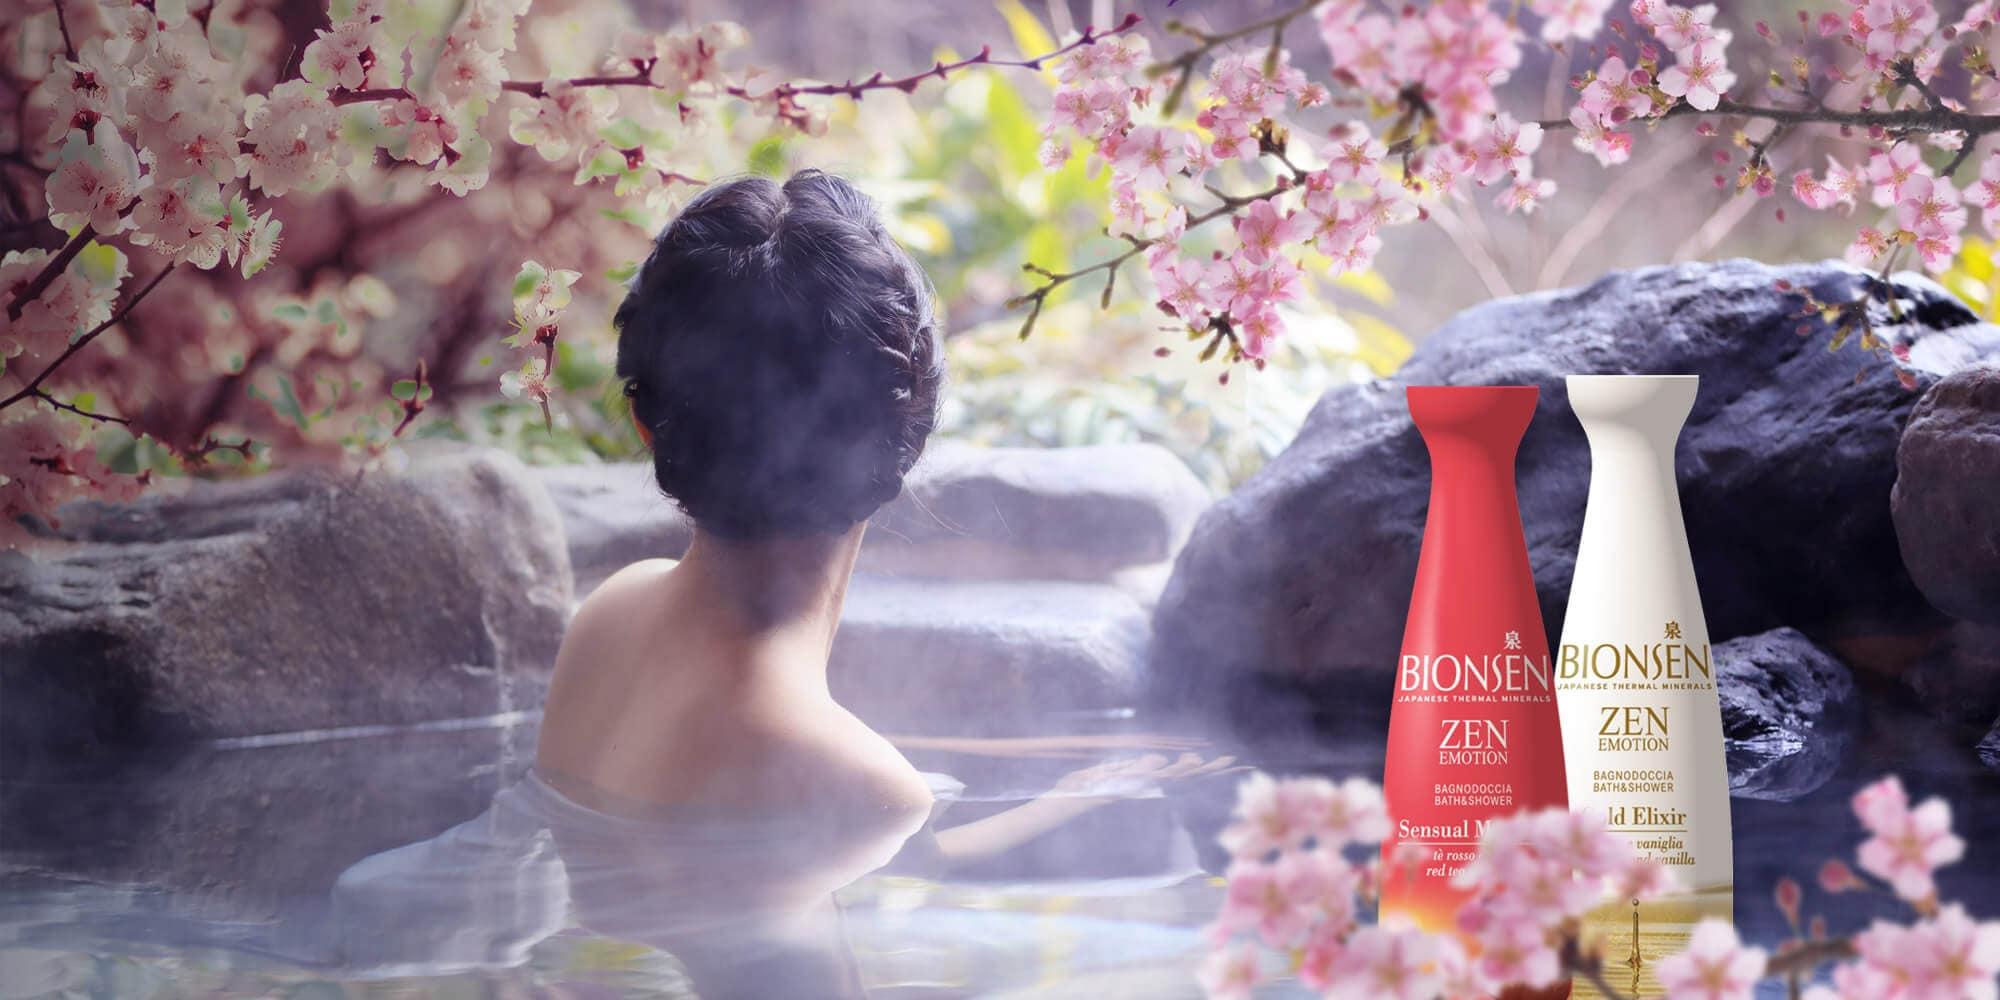 Bionsen - Zen Japanese Thermal Minerals